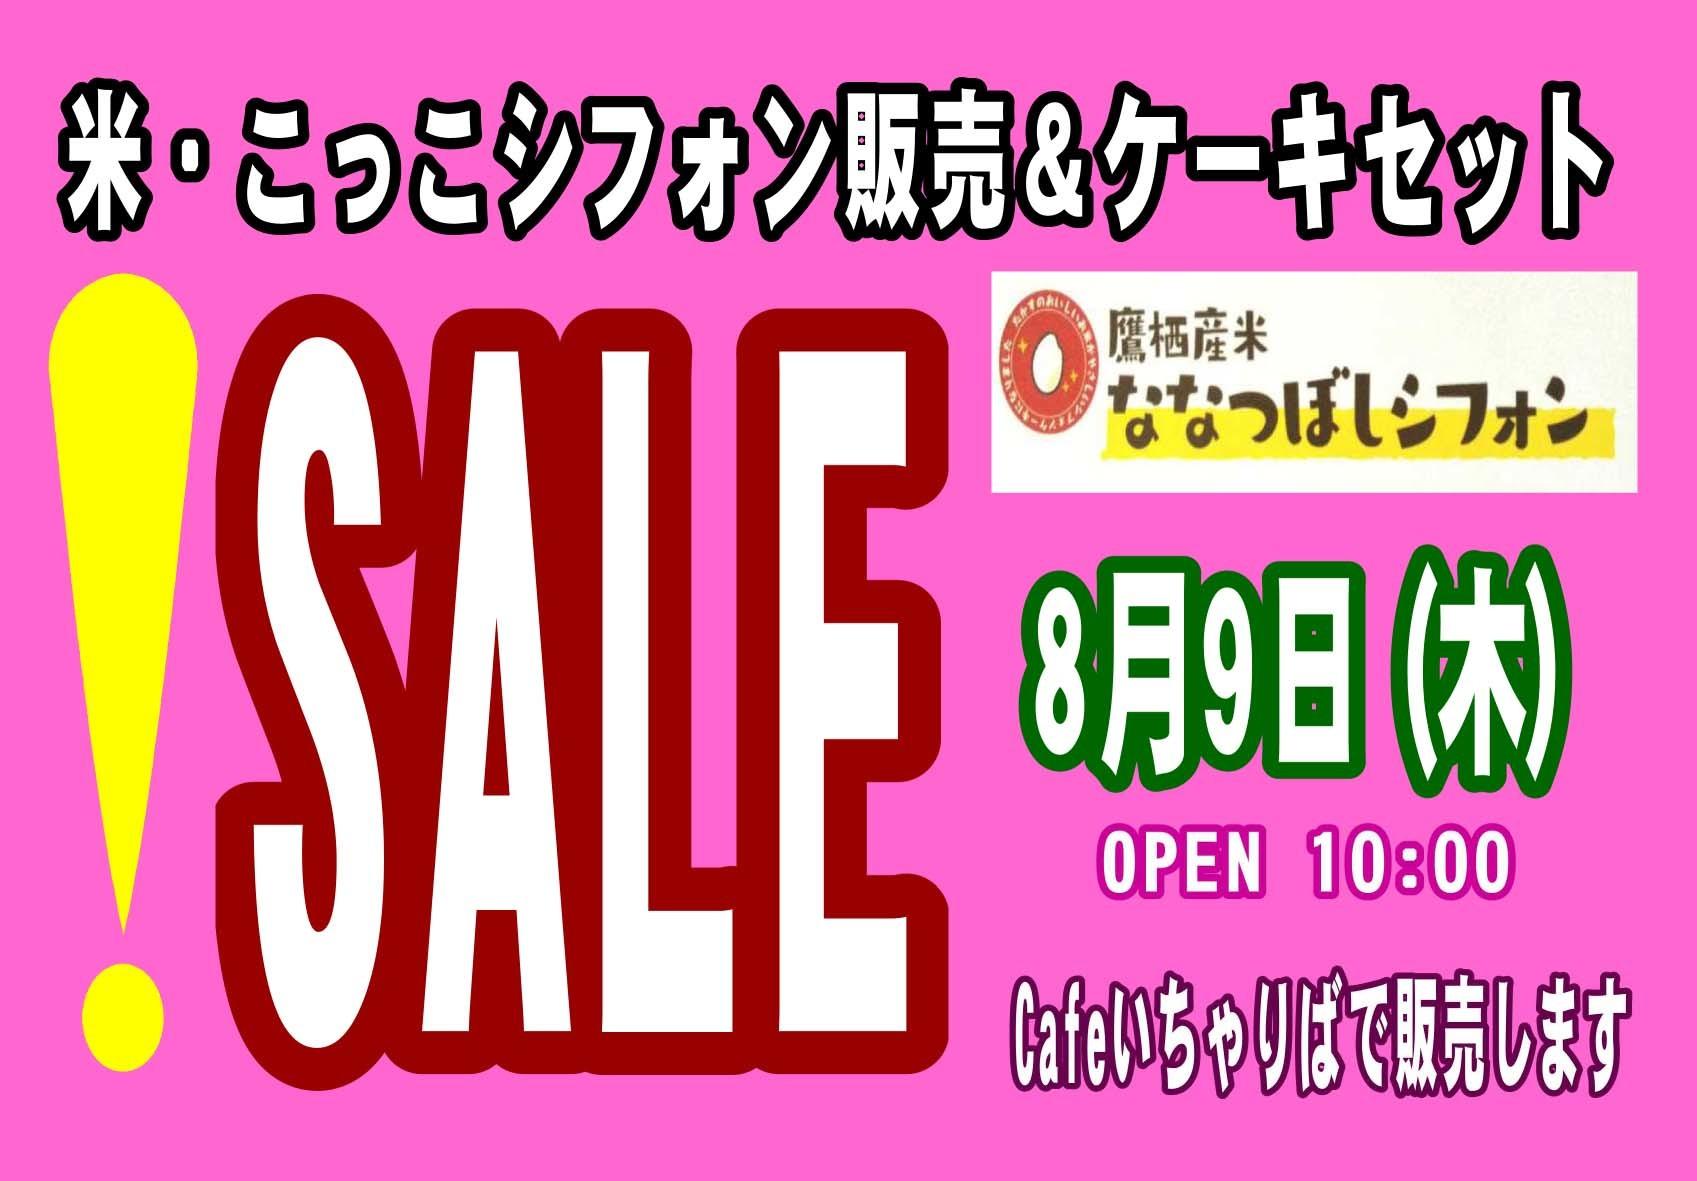 ななつぼしシフォン販売ポスター444-1